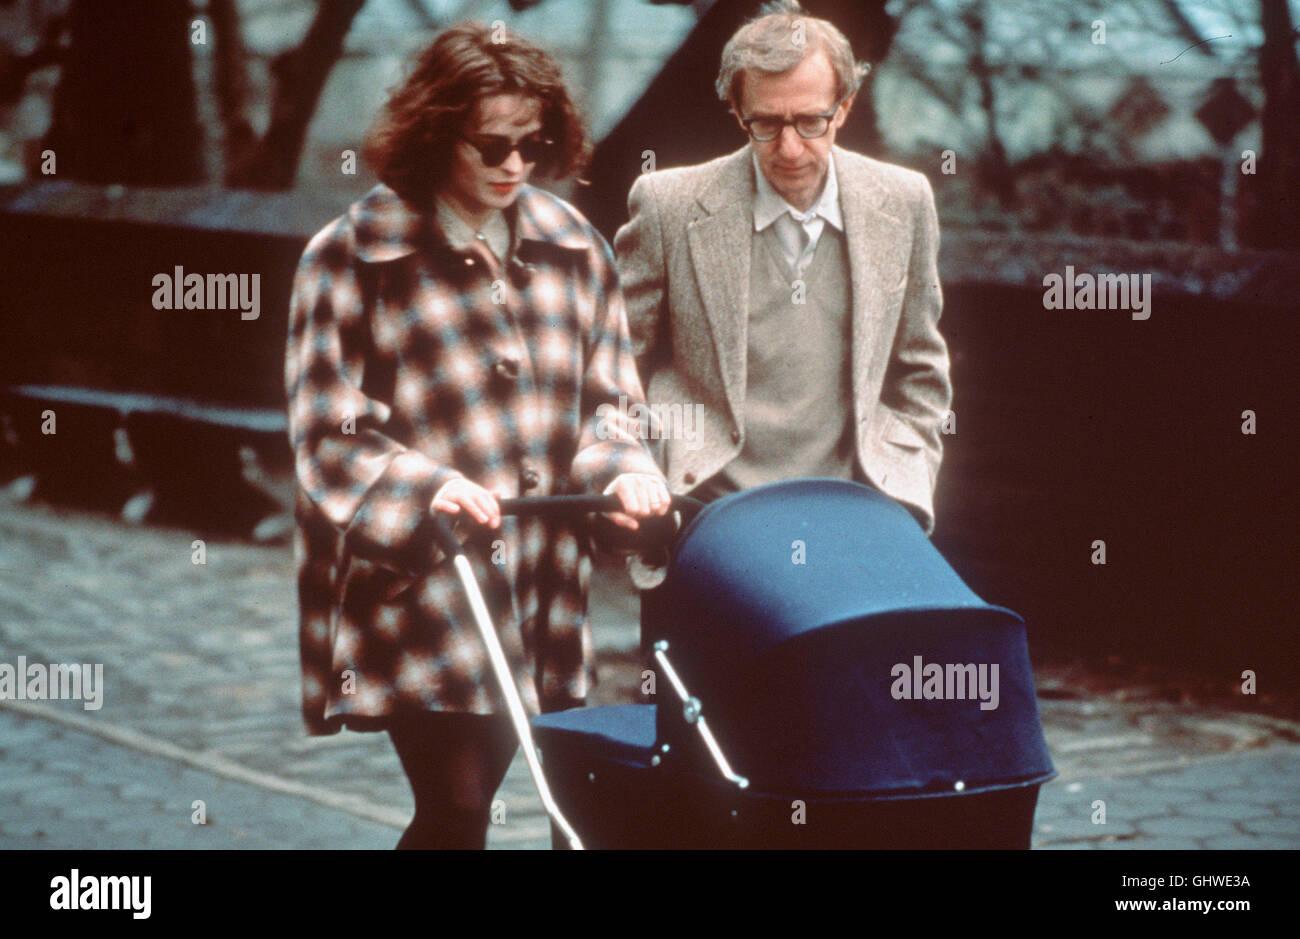 GELIEBTE APHRODITE- Lenny (WOODY ALLEN) als Sportjournalist im Big Apple, verheiratet mit der Galeristin Amanda - Stock Image